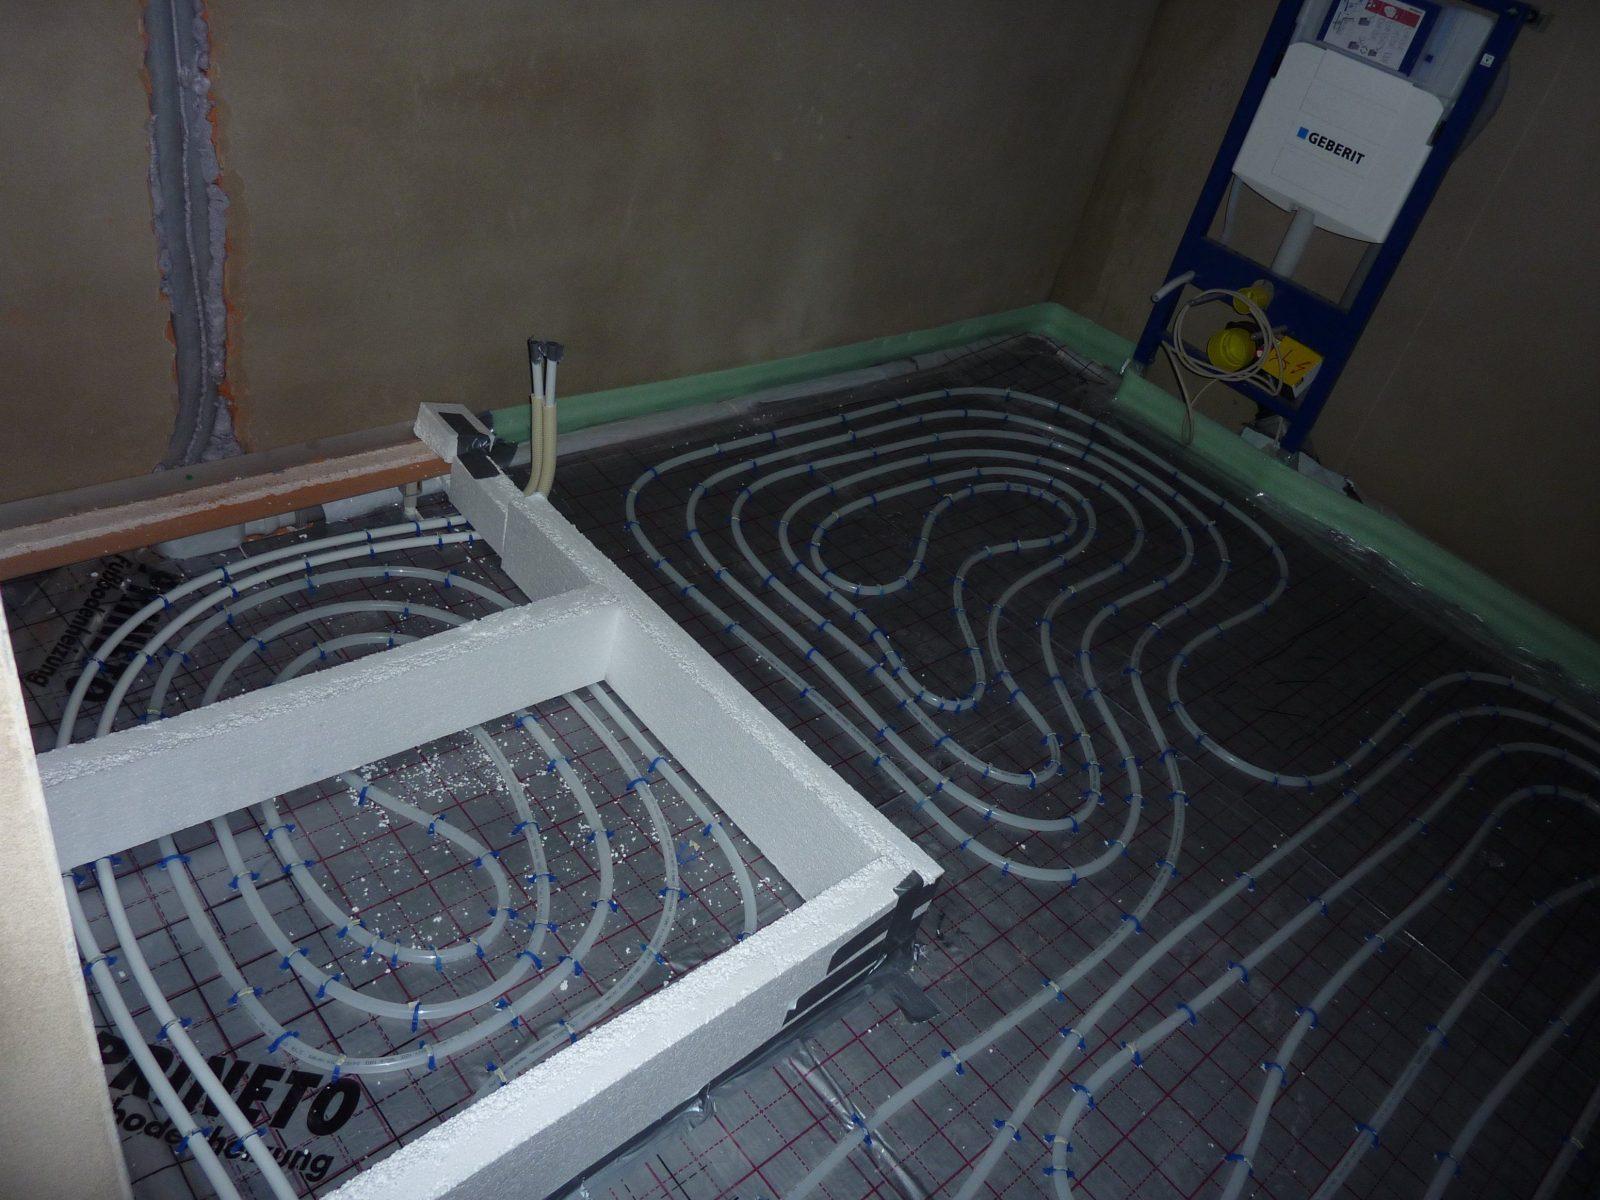 Bodengleiche Dusche Einbauen Estrich Yv75 – Hitoiro von Bodengleiche Dusche Einbauen Estrich Bild